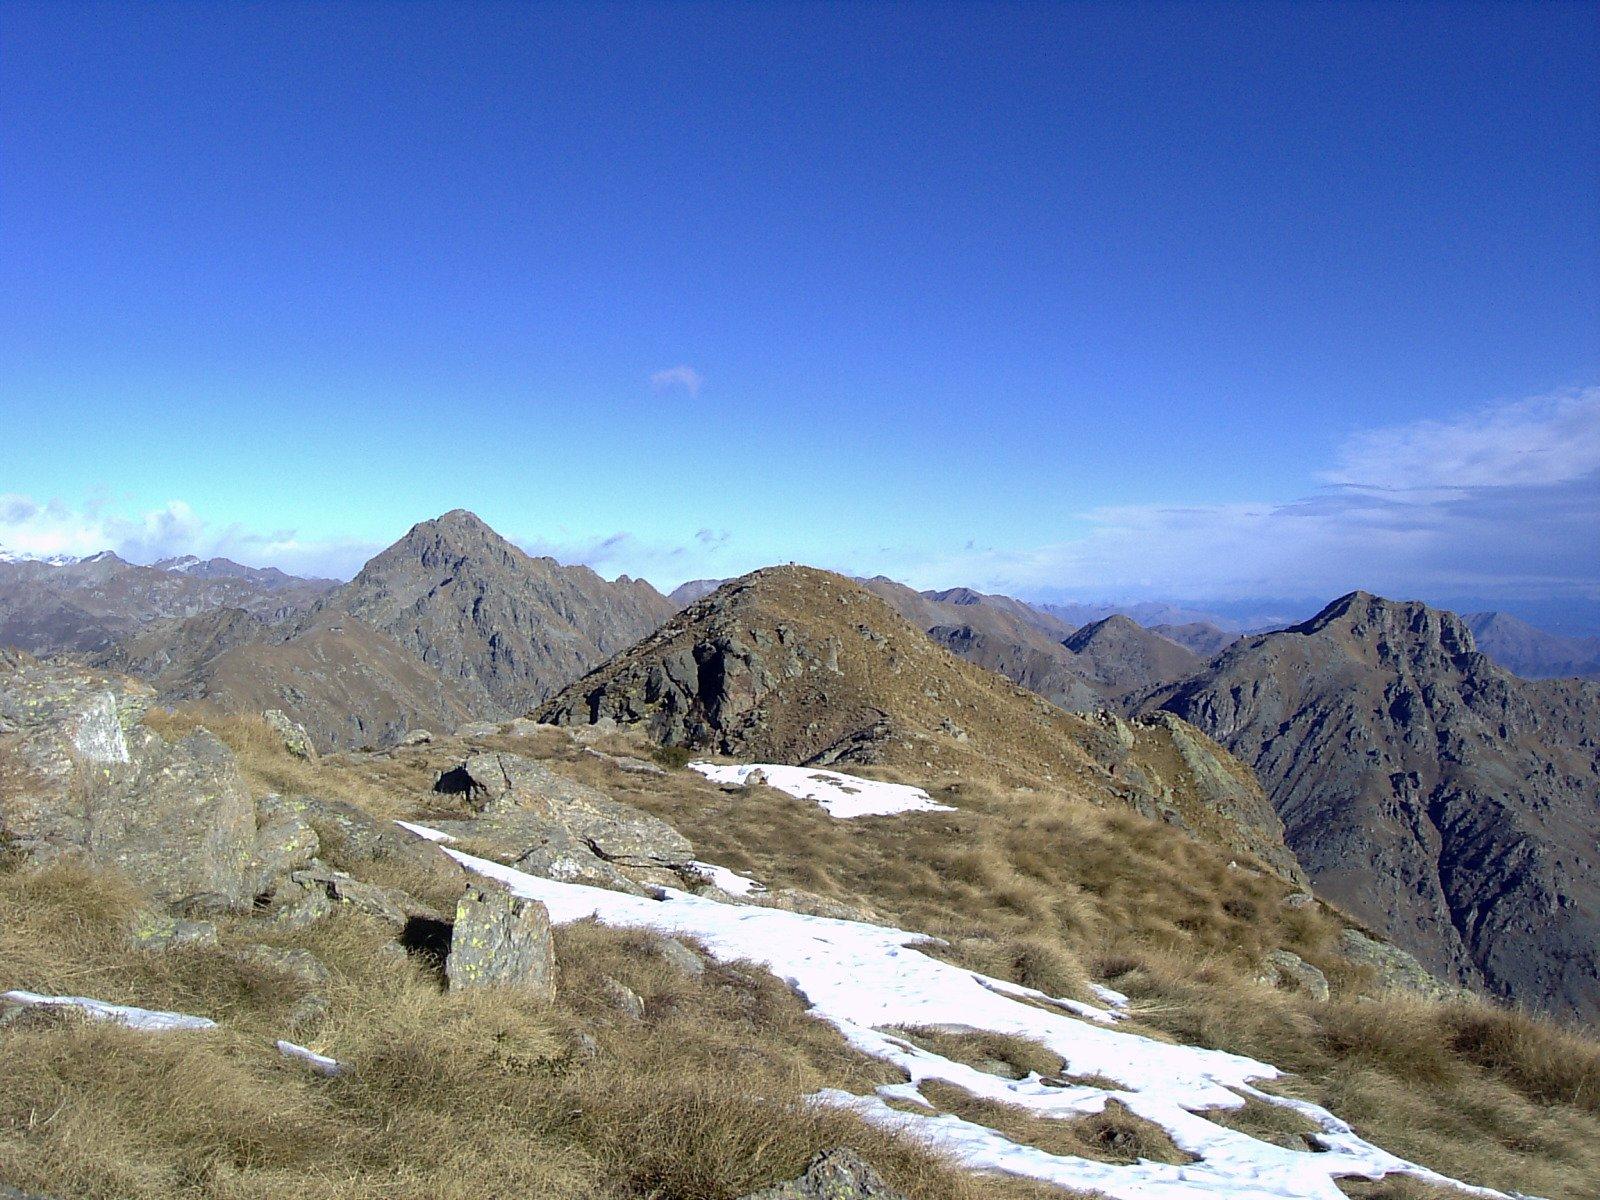 La cima Tre Vescovi dai pressi della cima del Mombarone (foto A. Valfrè).